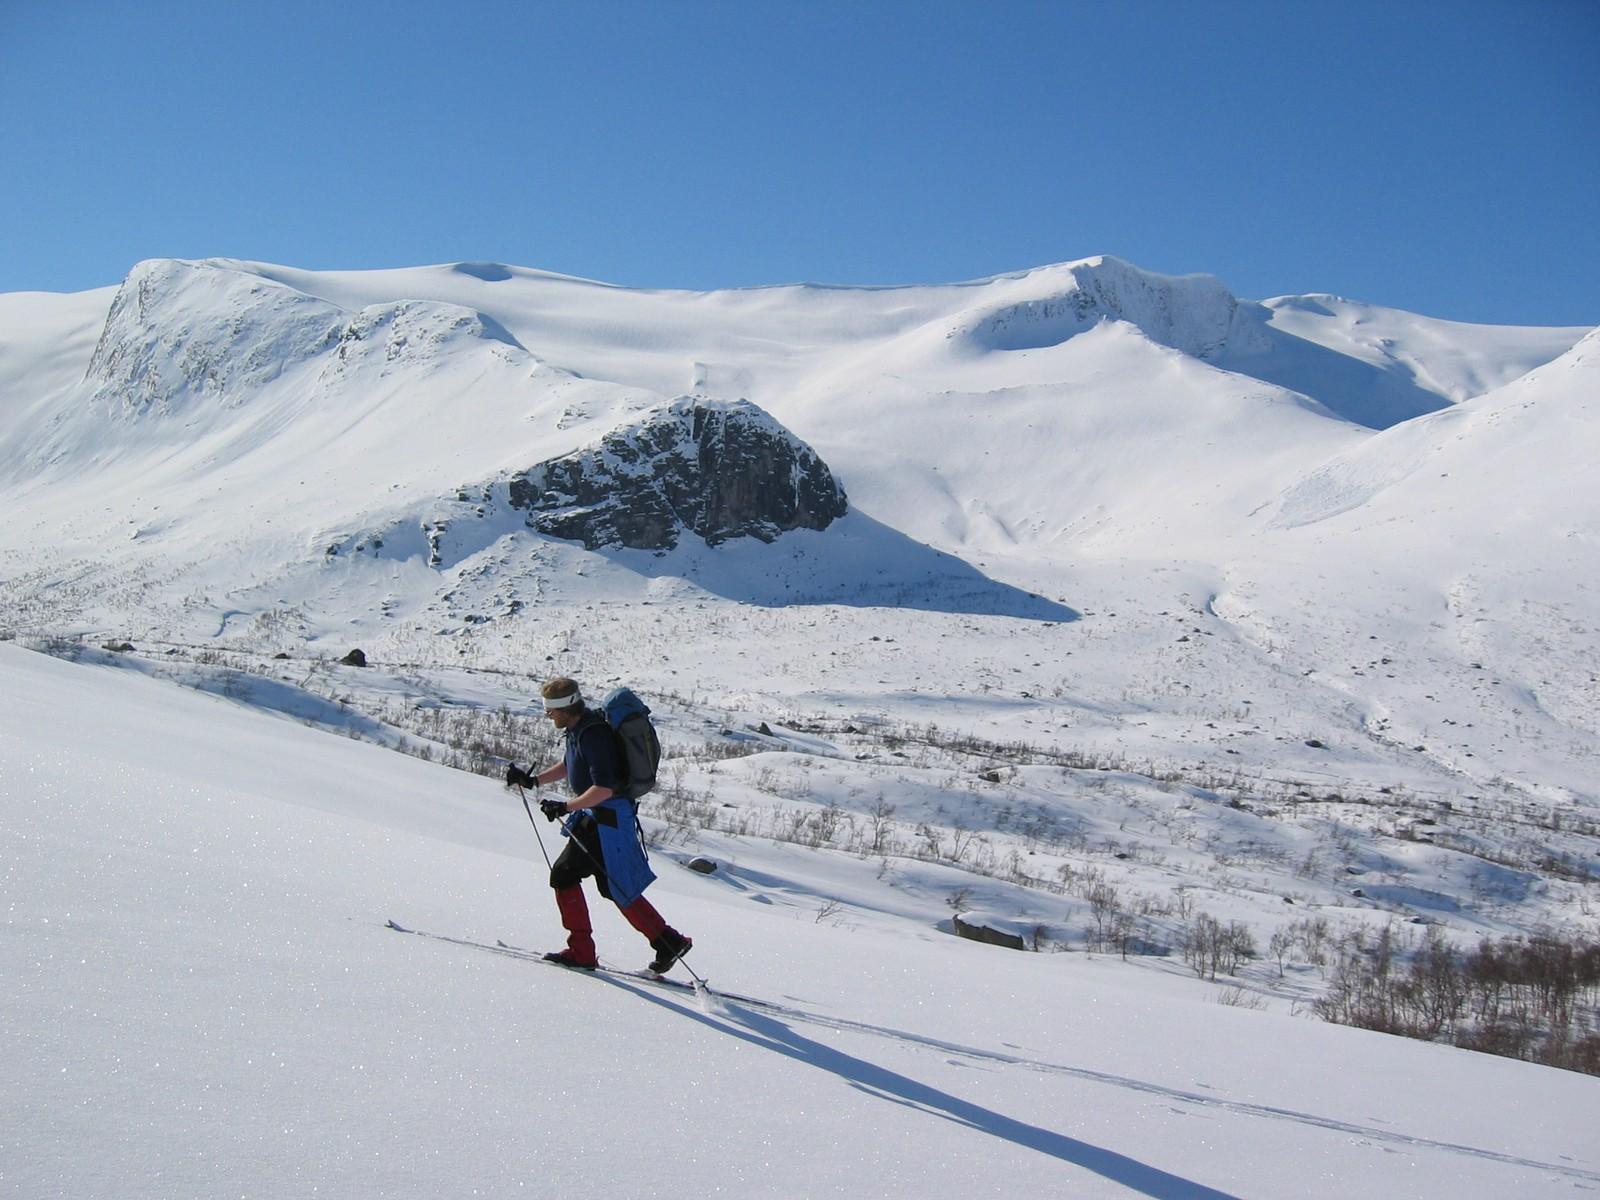 Ved Befringsstøylen opp frå Stardalen. Bjørga i bakgrunnen.